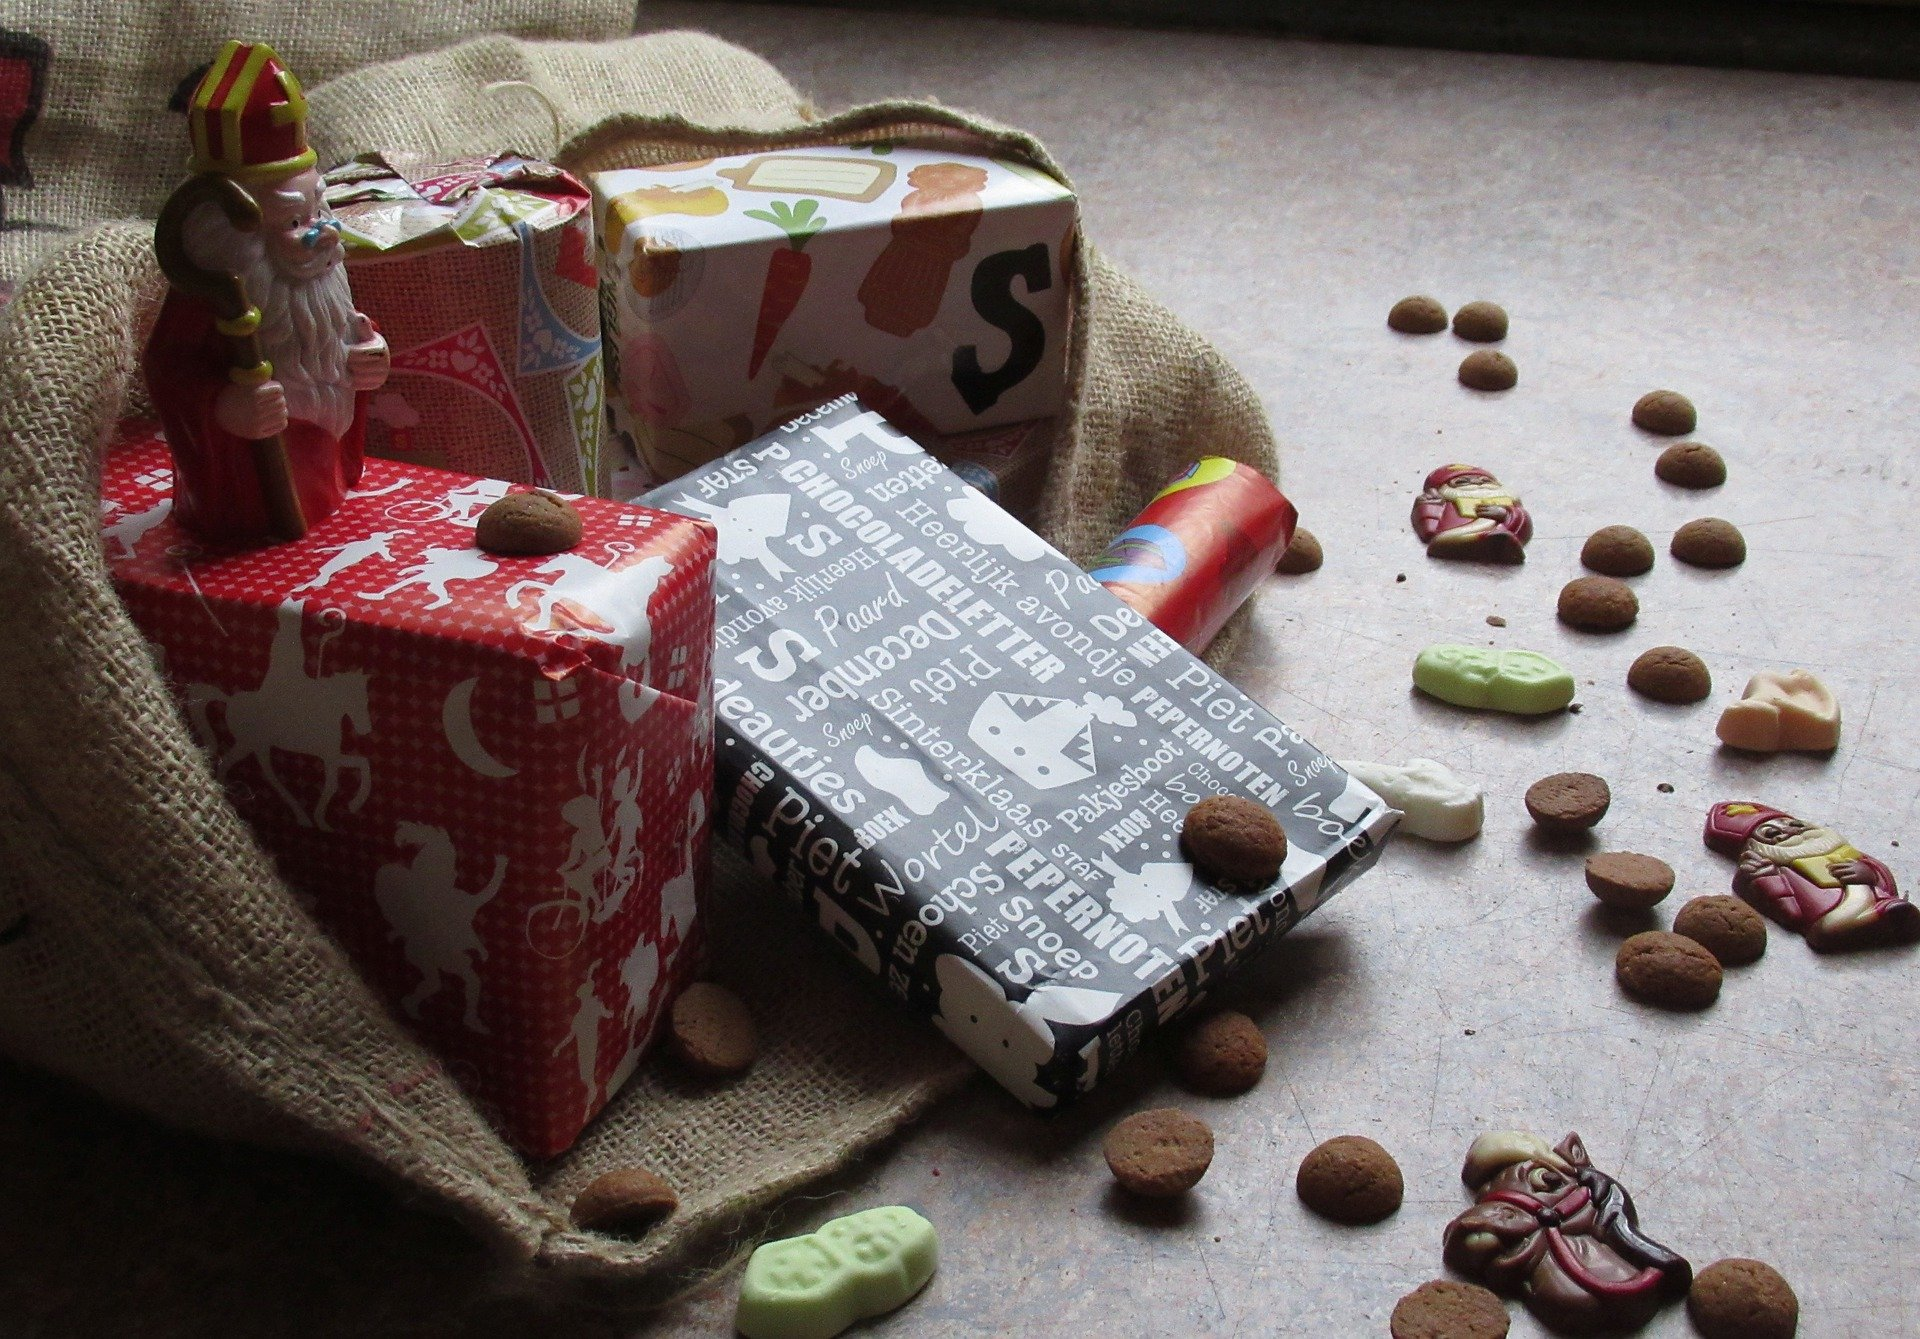 Een zak vol pakjes en lekkers voor Sinterklaas